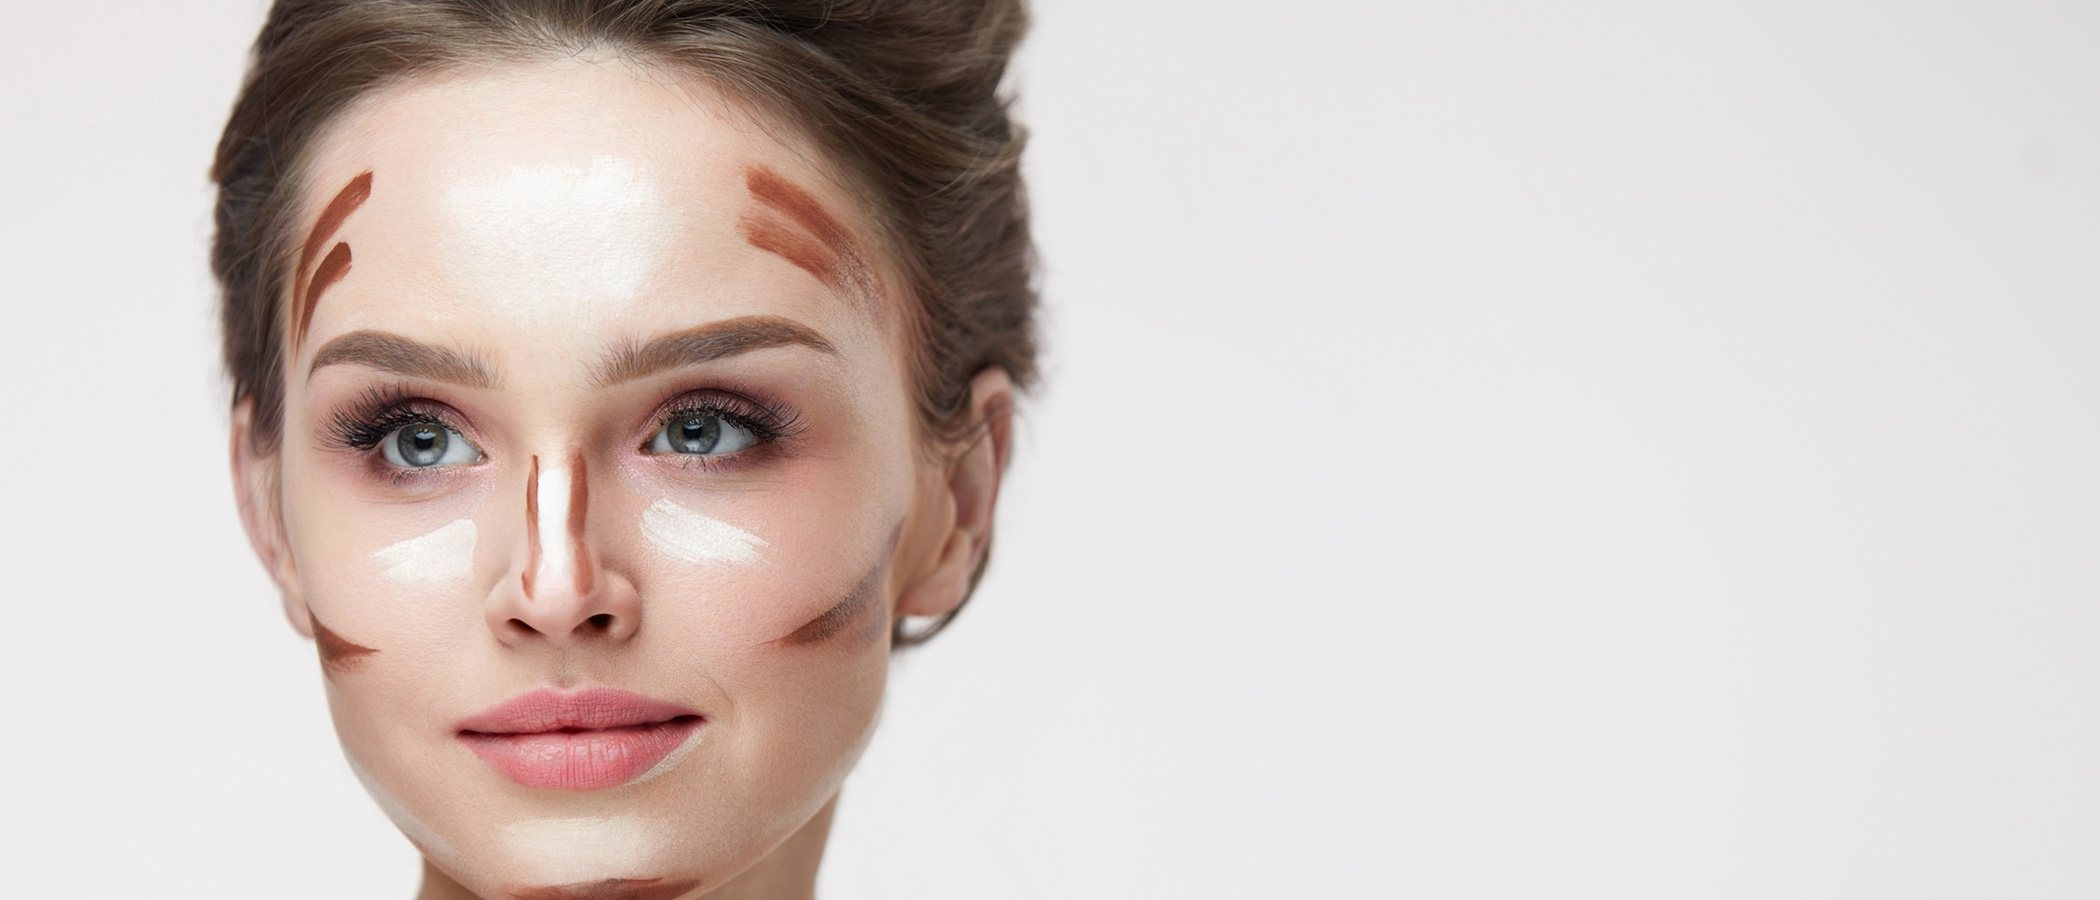 Contouring: modifica la forma de tu rostro con maquillaje